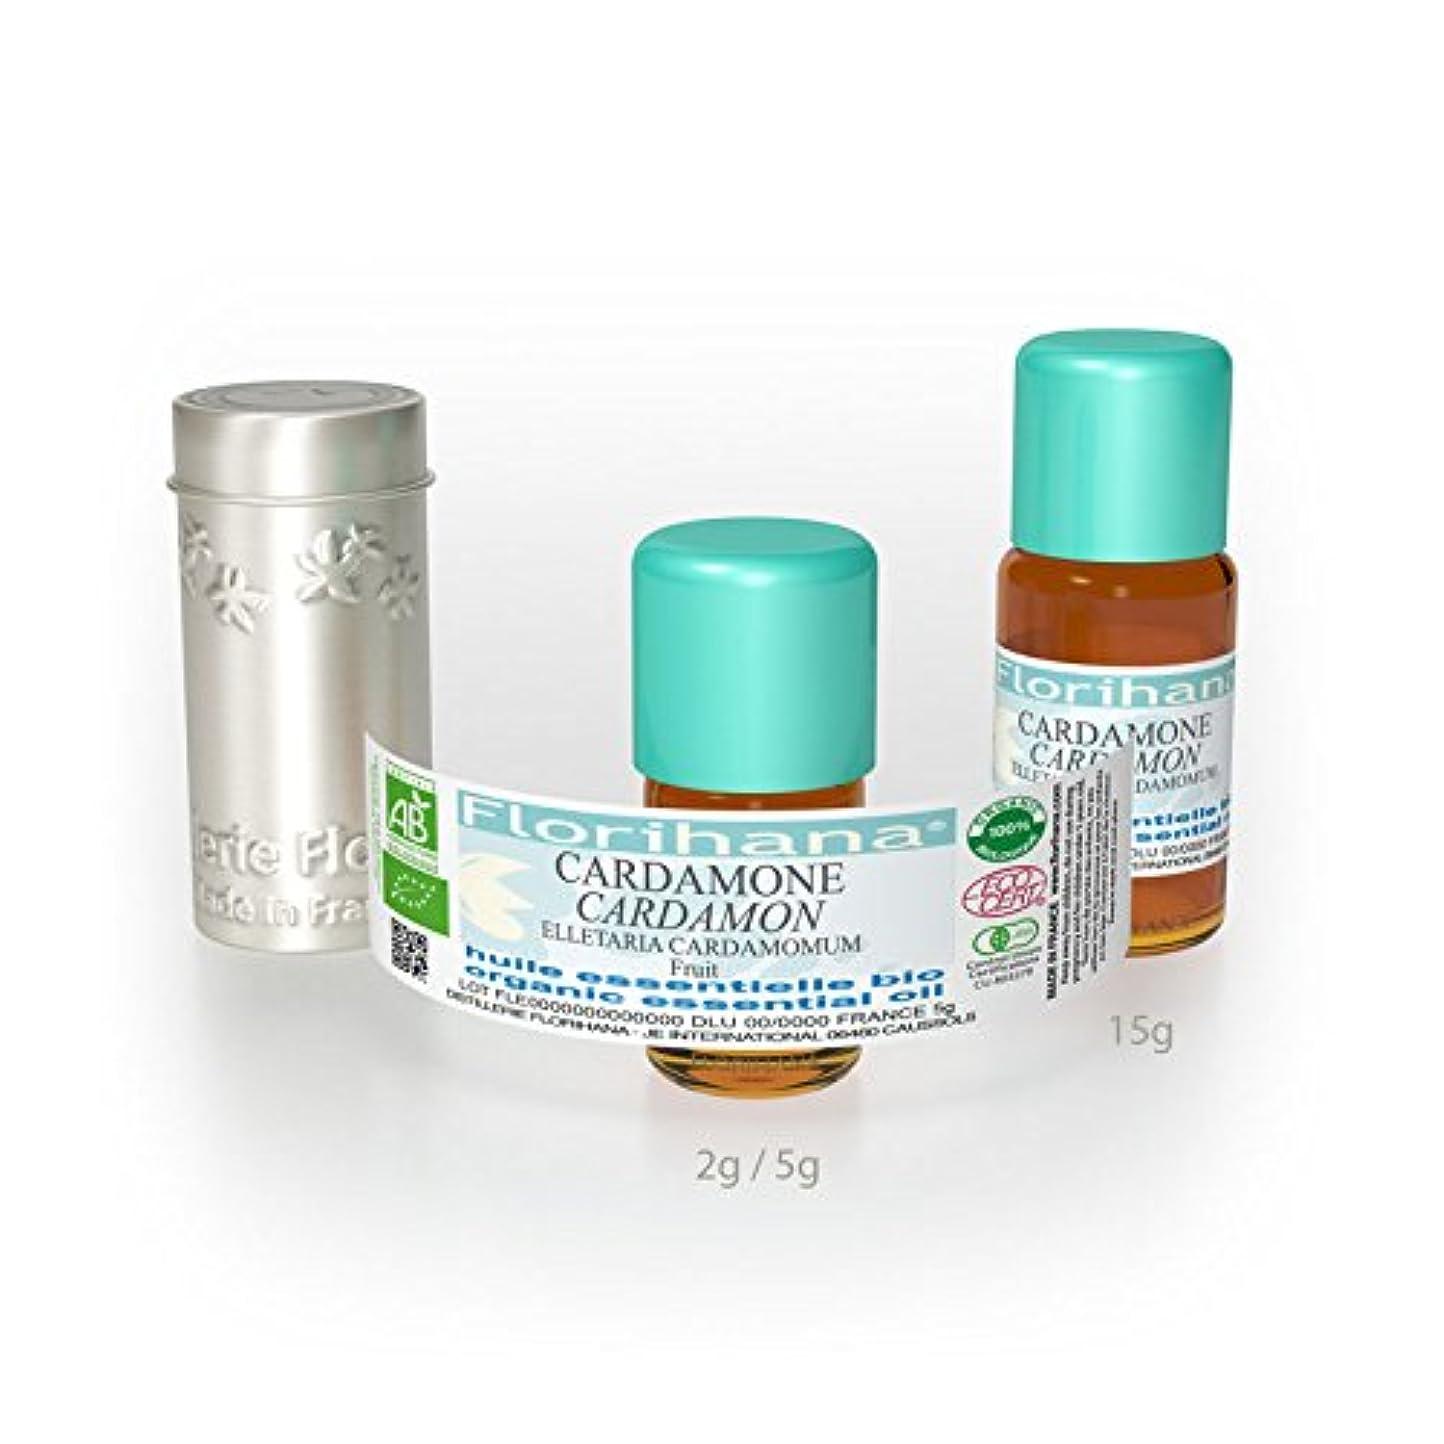 ヒゲラフレシアアルノルディロードされたオーガニック エッセンシャルオイル カルダモン 5g(5.3ml)